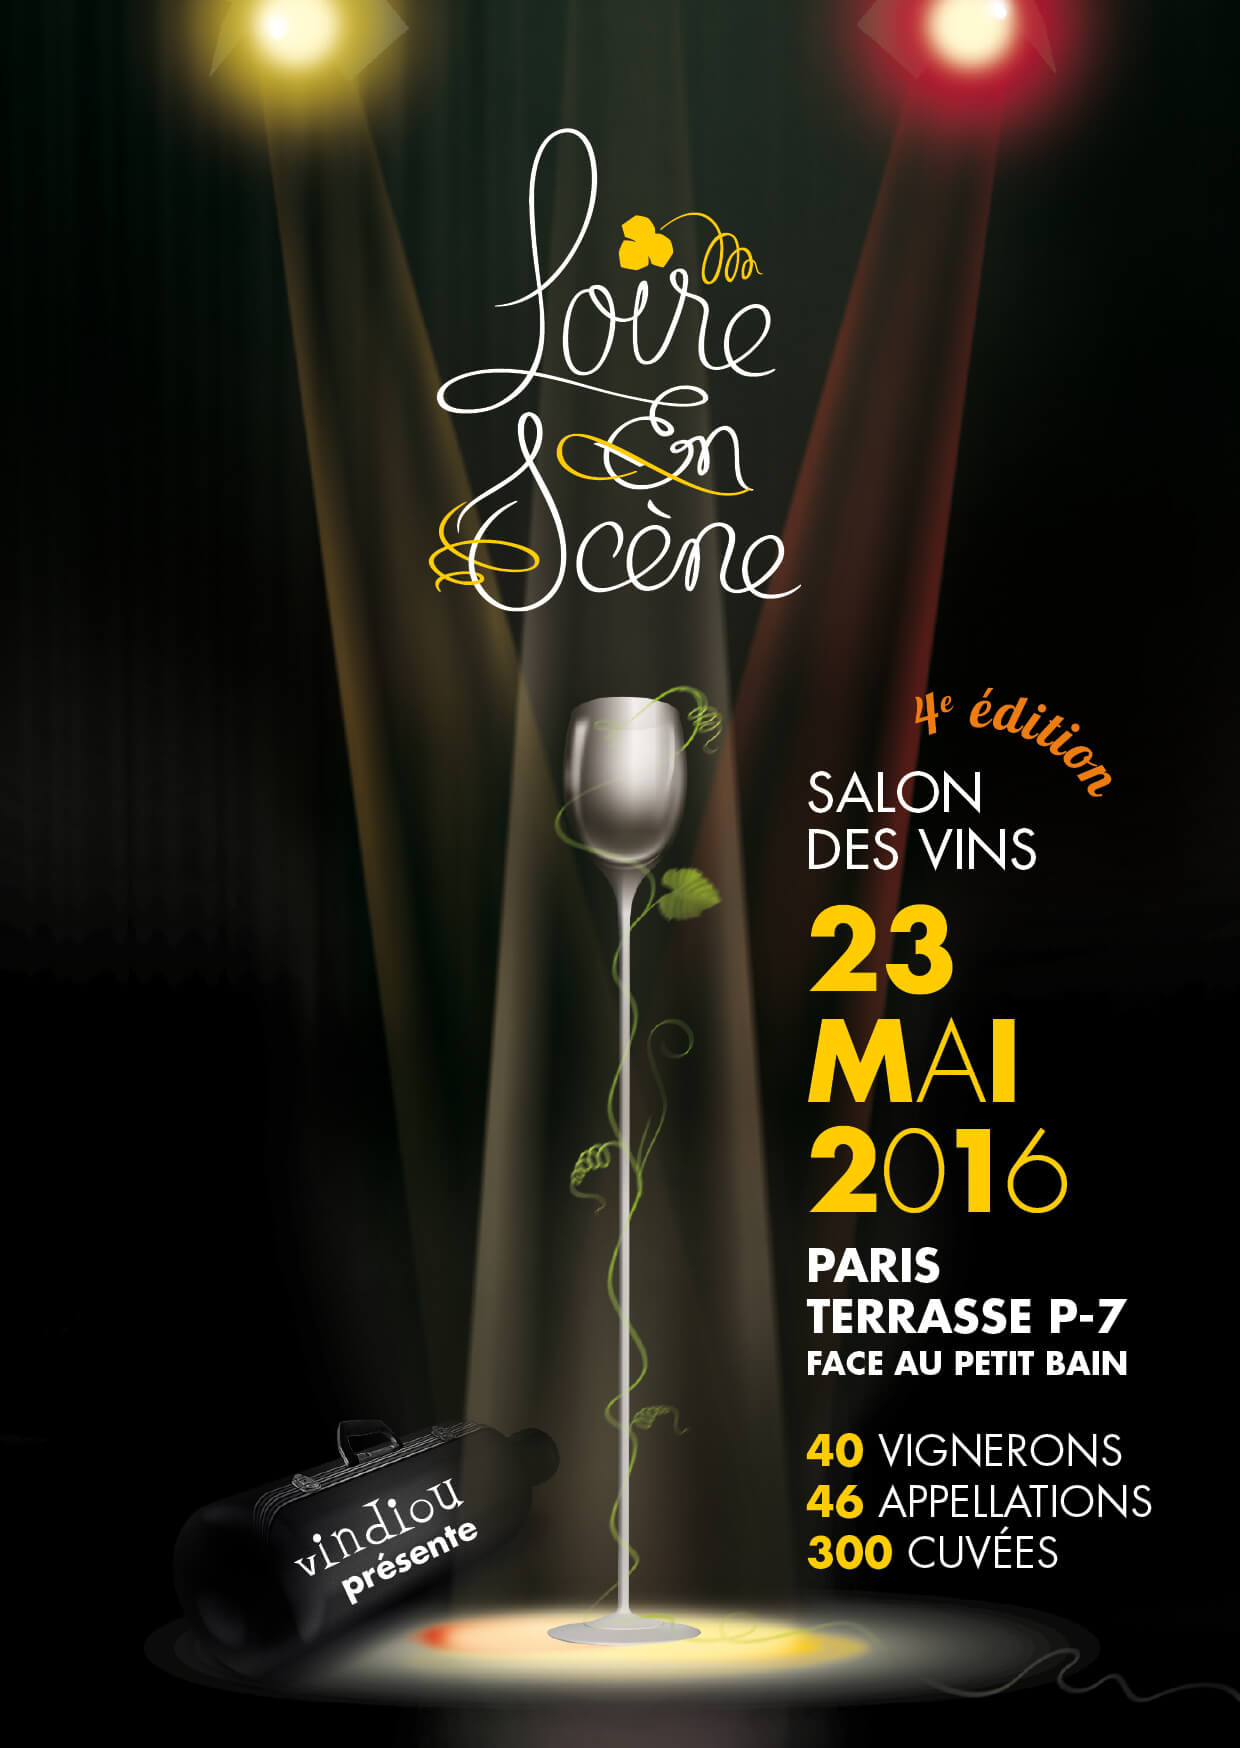 Loire en scène 2016